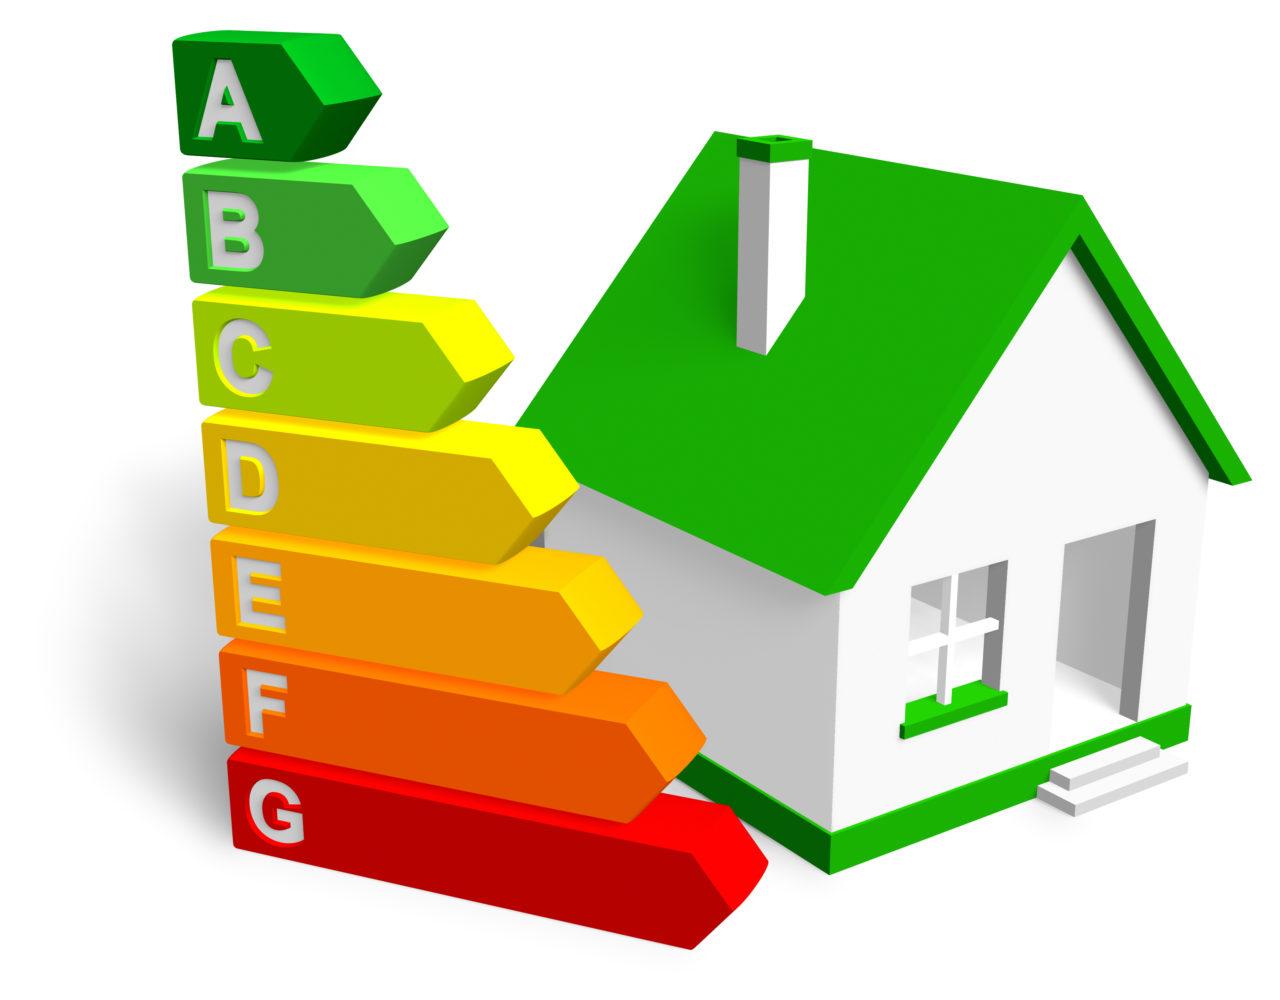 casa-certificado-energetico-1280x1000.jpg